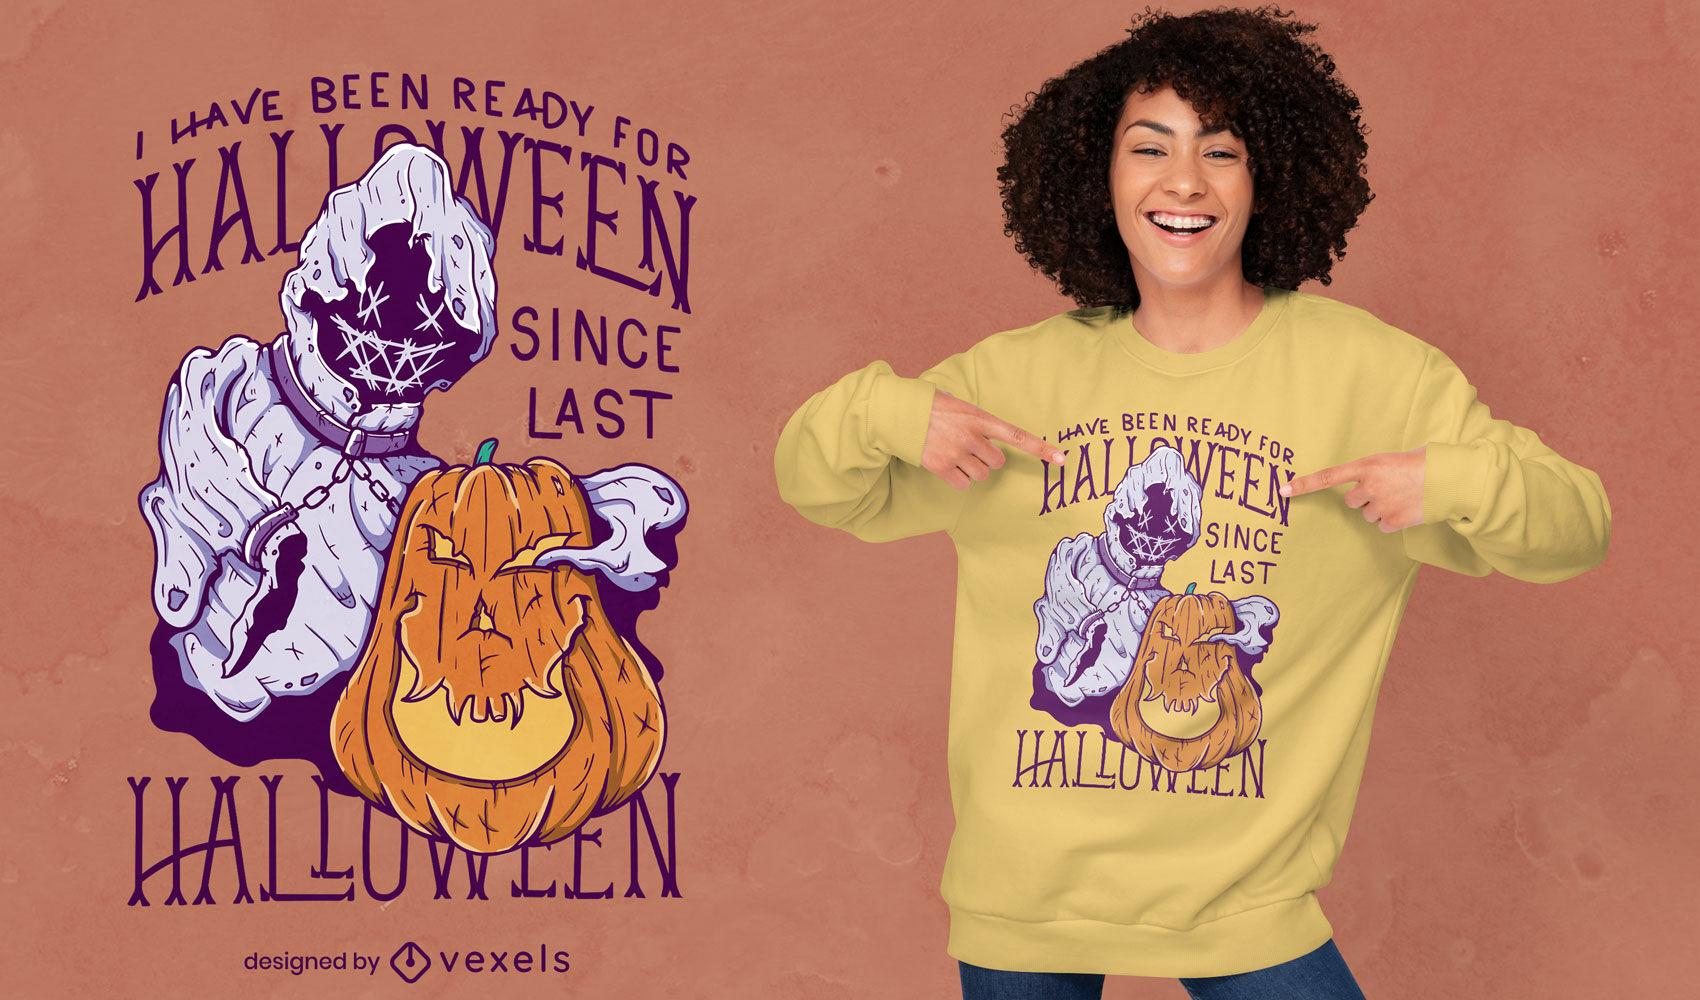 Ghost and pumpkin halloween t-shirt design